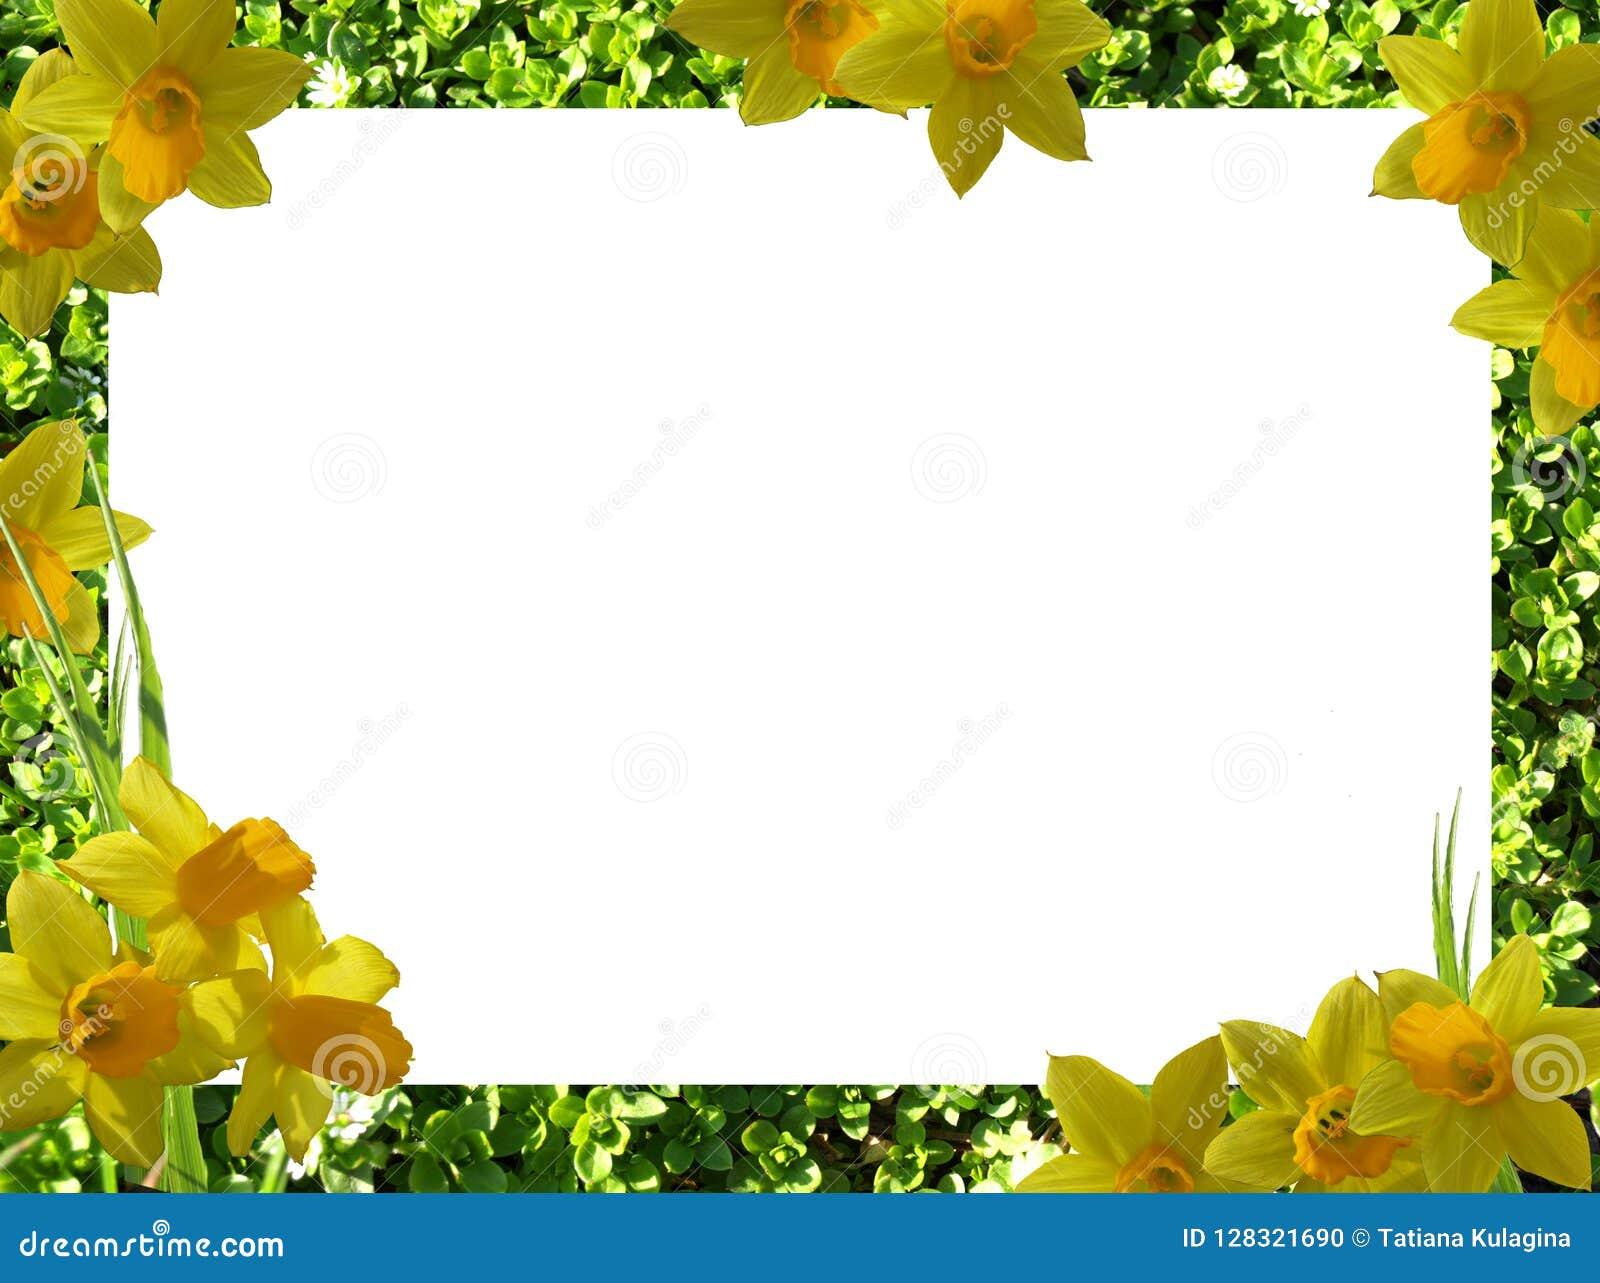 Quadro Das Flores Png Foto De Stock Imagem De Projeto 128321690